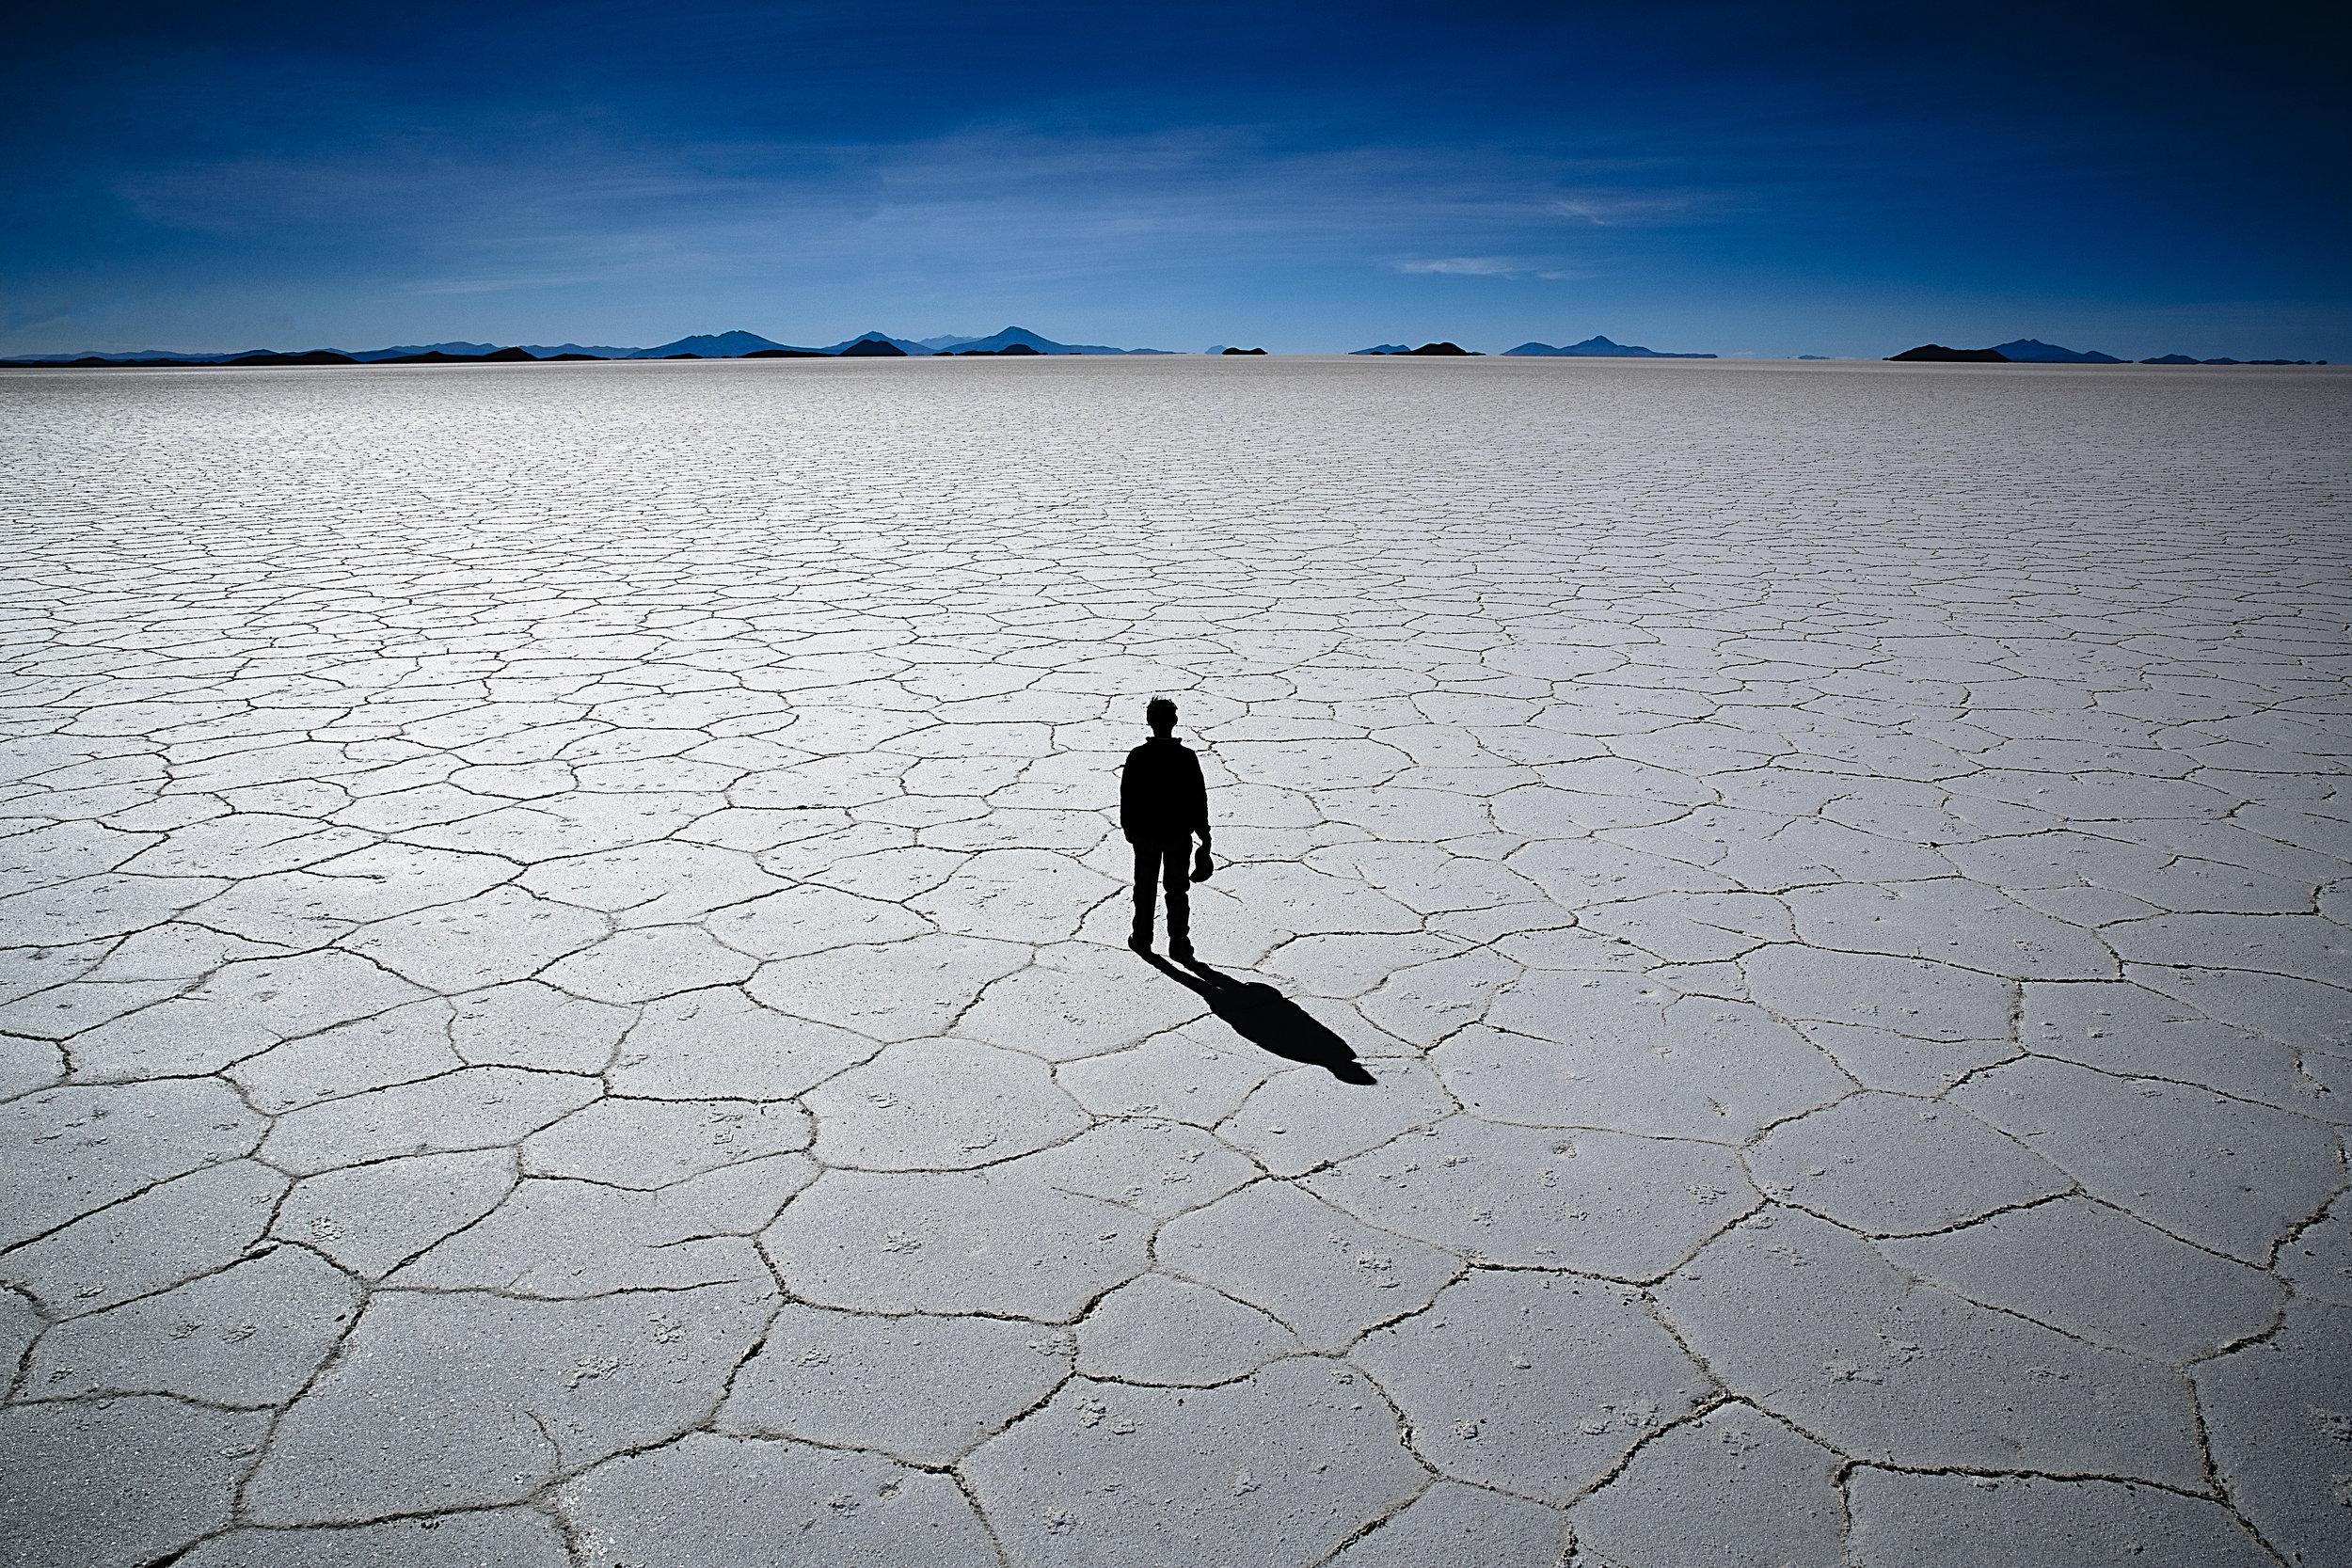 Simon+Needham+Photography+Salt+Flats+3.jpg